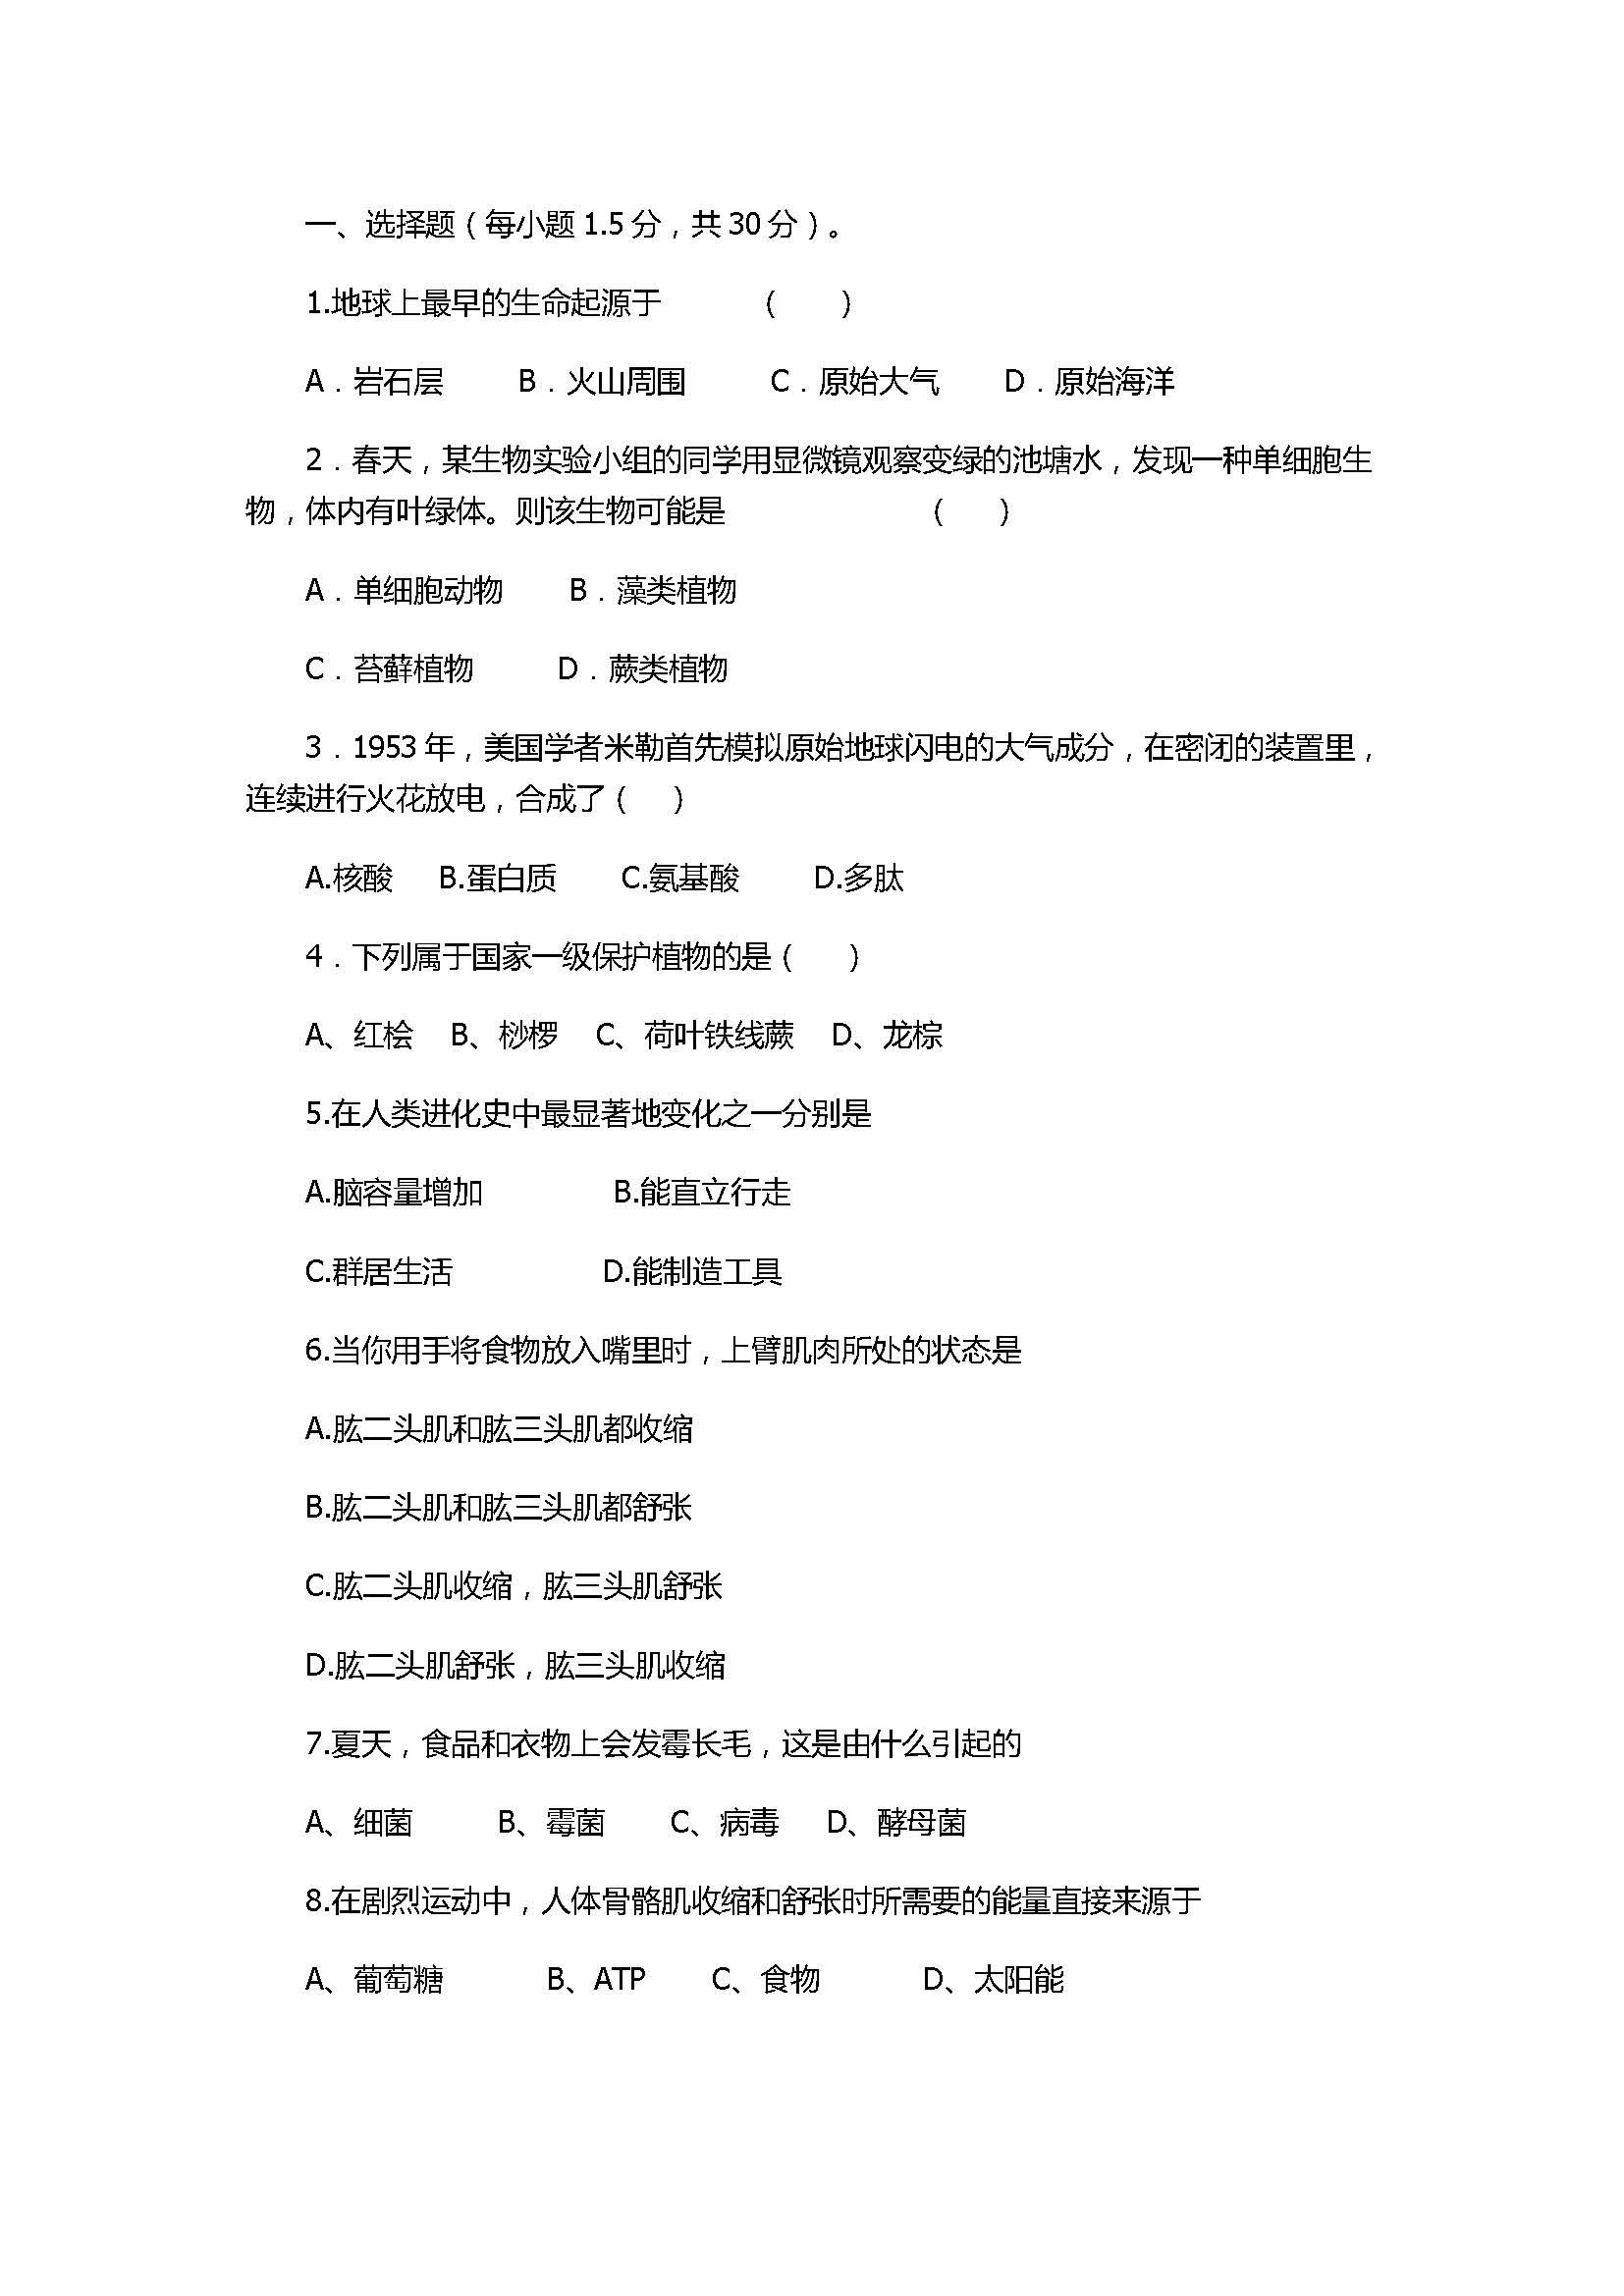 2017初二年级生物下册期末试卷含参考答案(高台县)